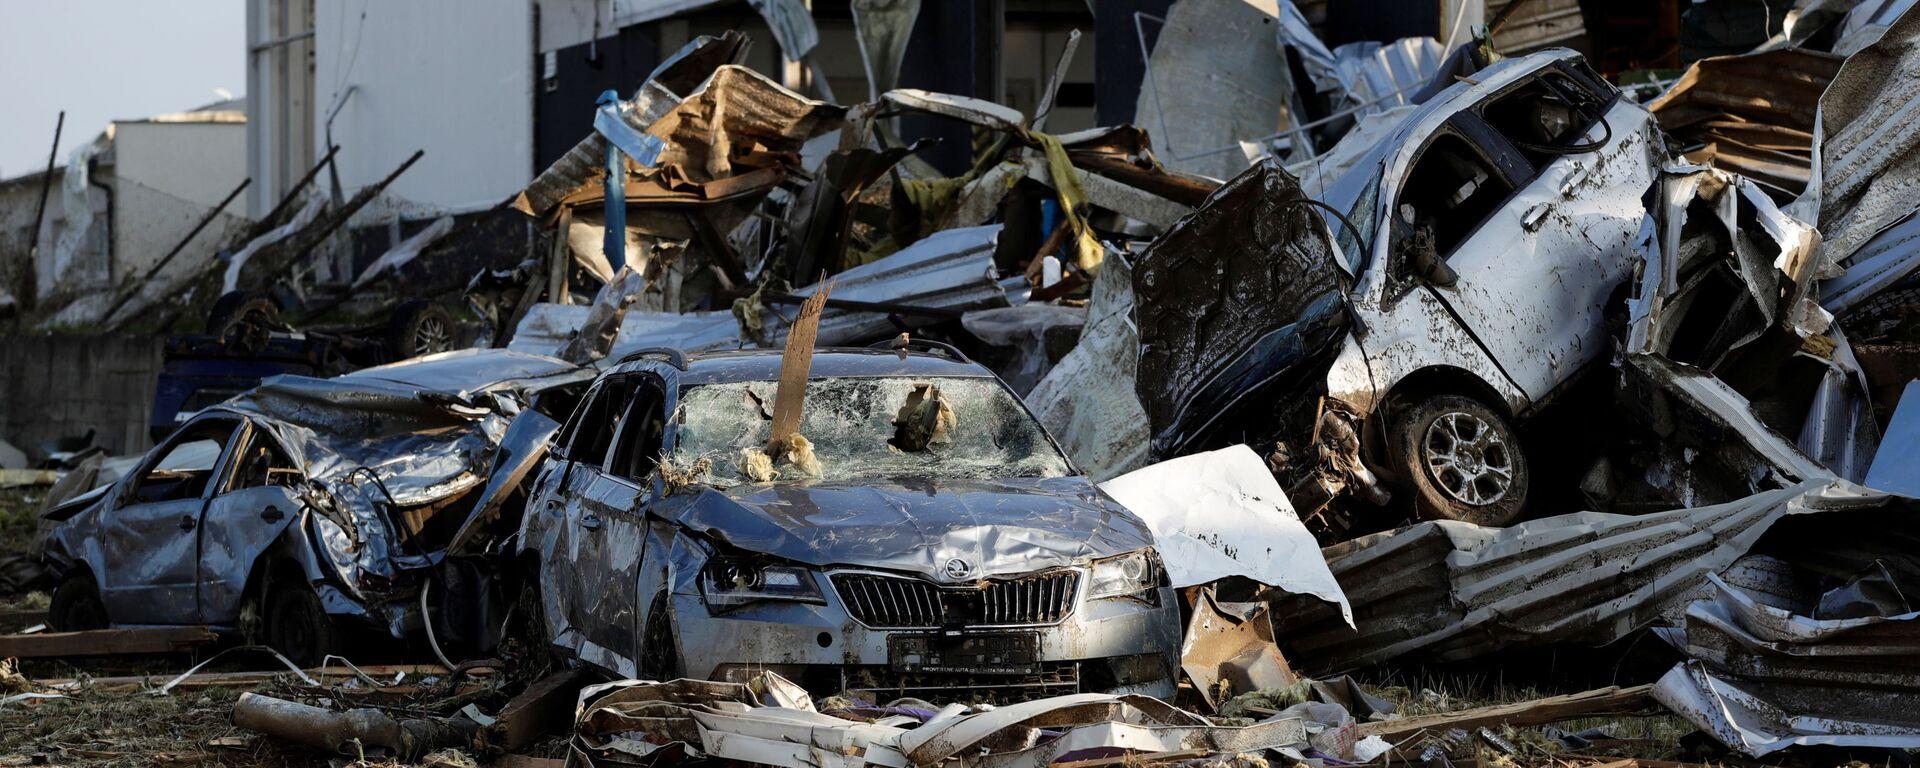 Na snímku jsou vidět trosky automobilů a budov v obci Lužice po tornádu, které zasáhlo města a vesnice - Sputnik Česká republika, 1920, 27.06.2021